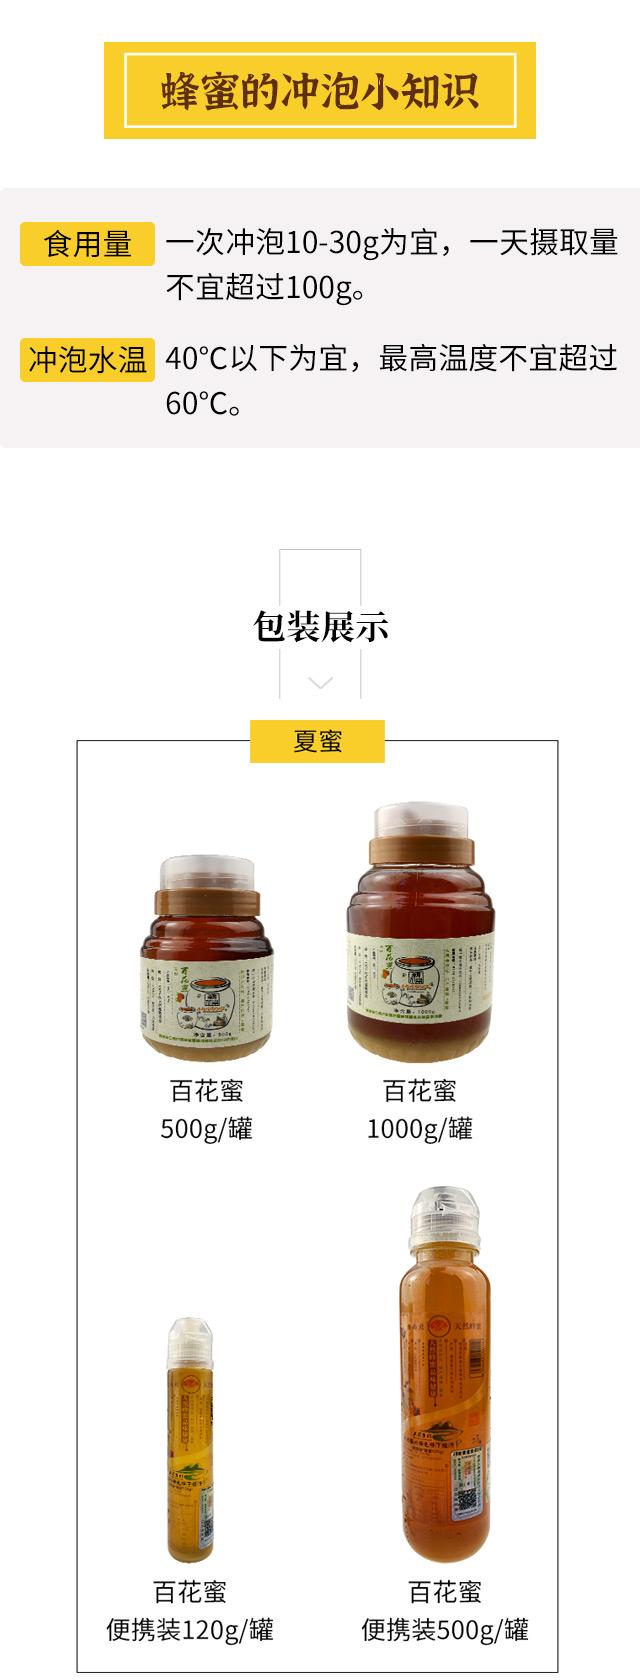 朝南北天然蜂蜜_07改.jpg